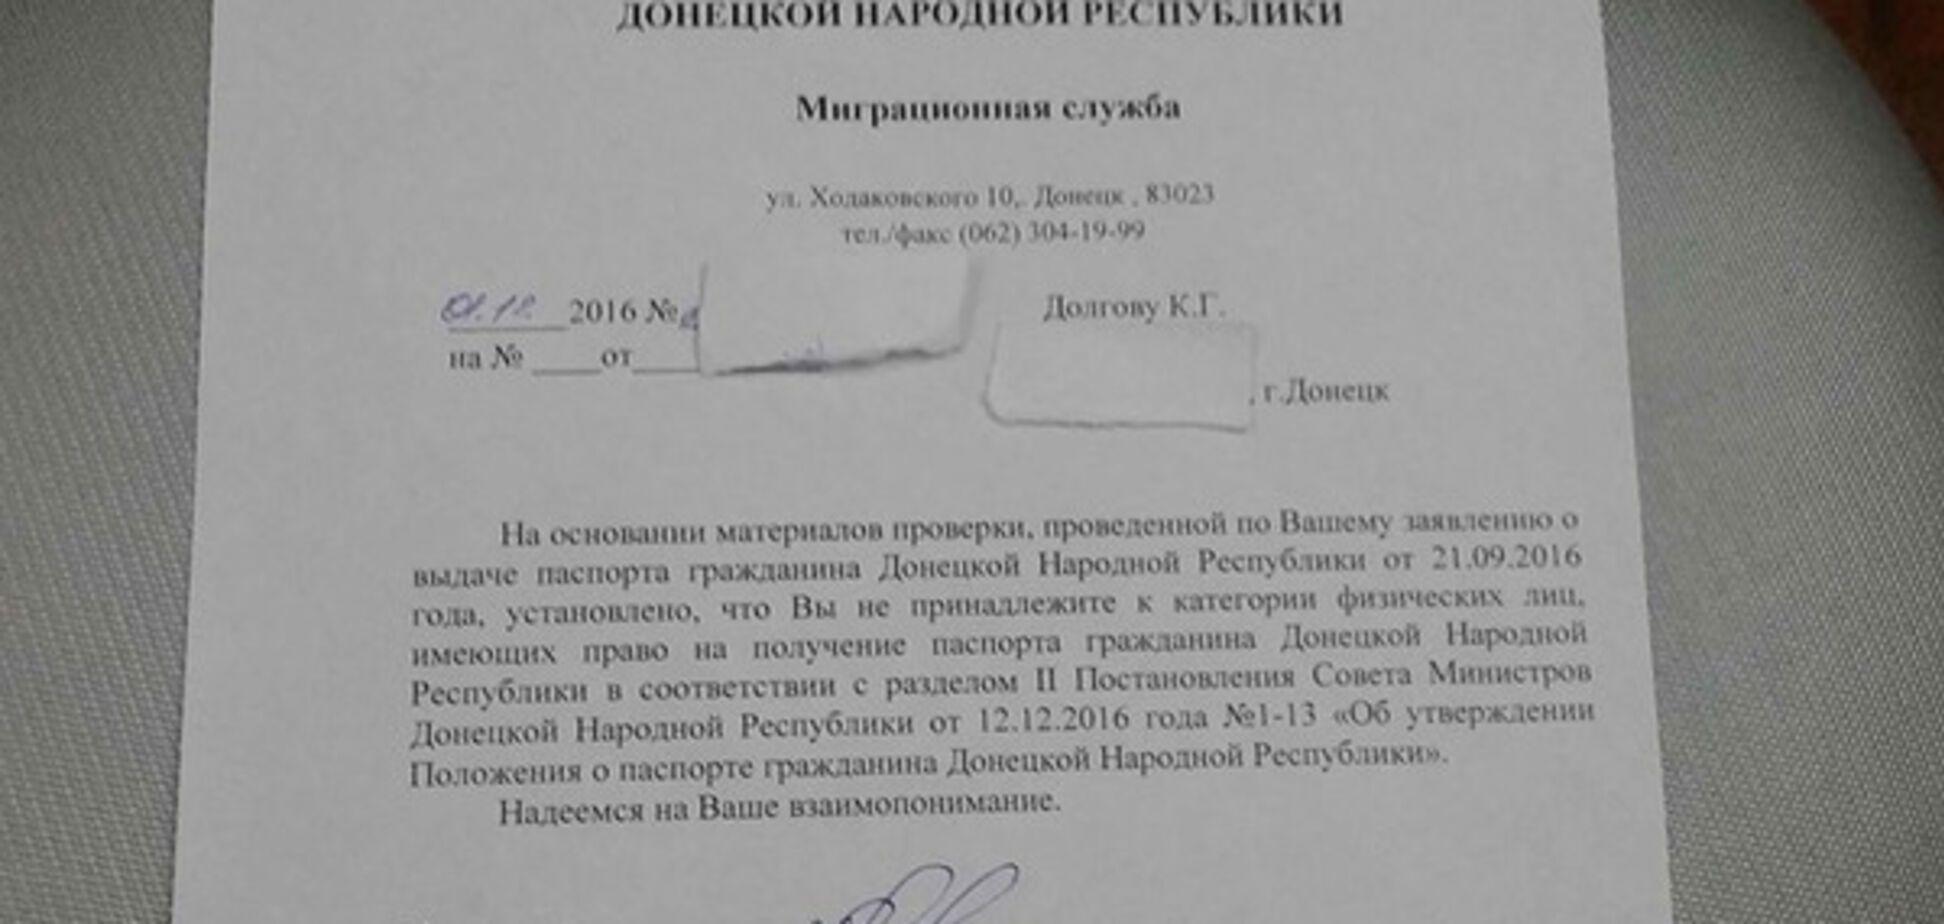 Долгову отказали в выдаче \'паспорта ДНР\'